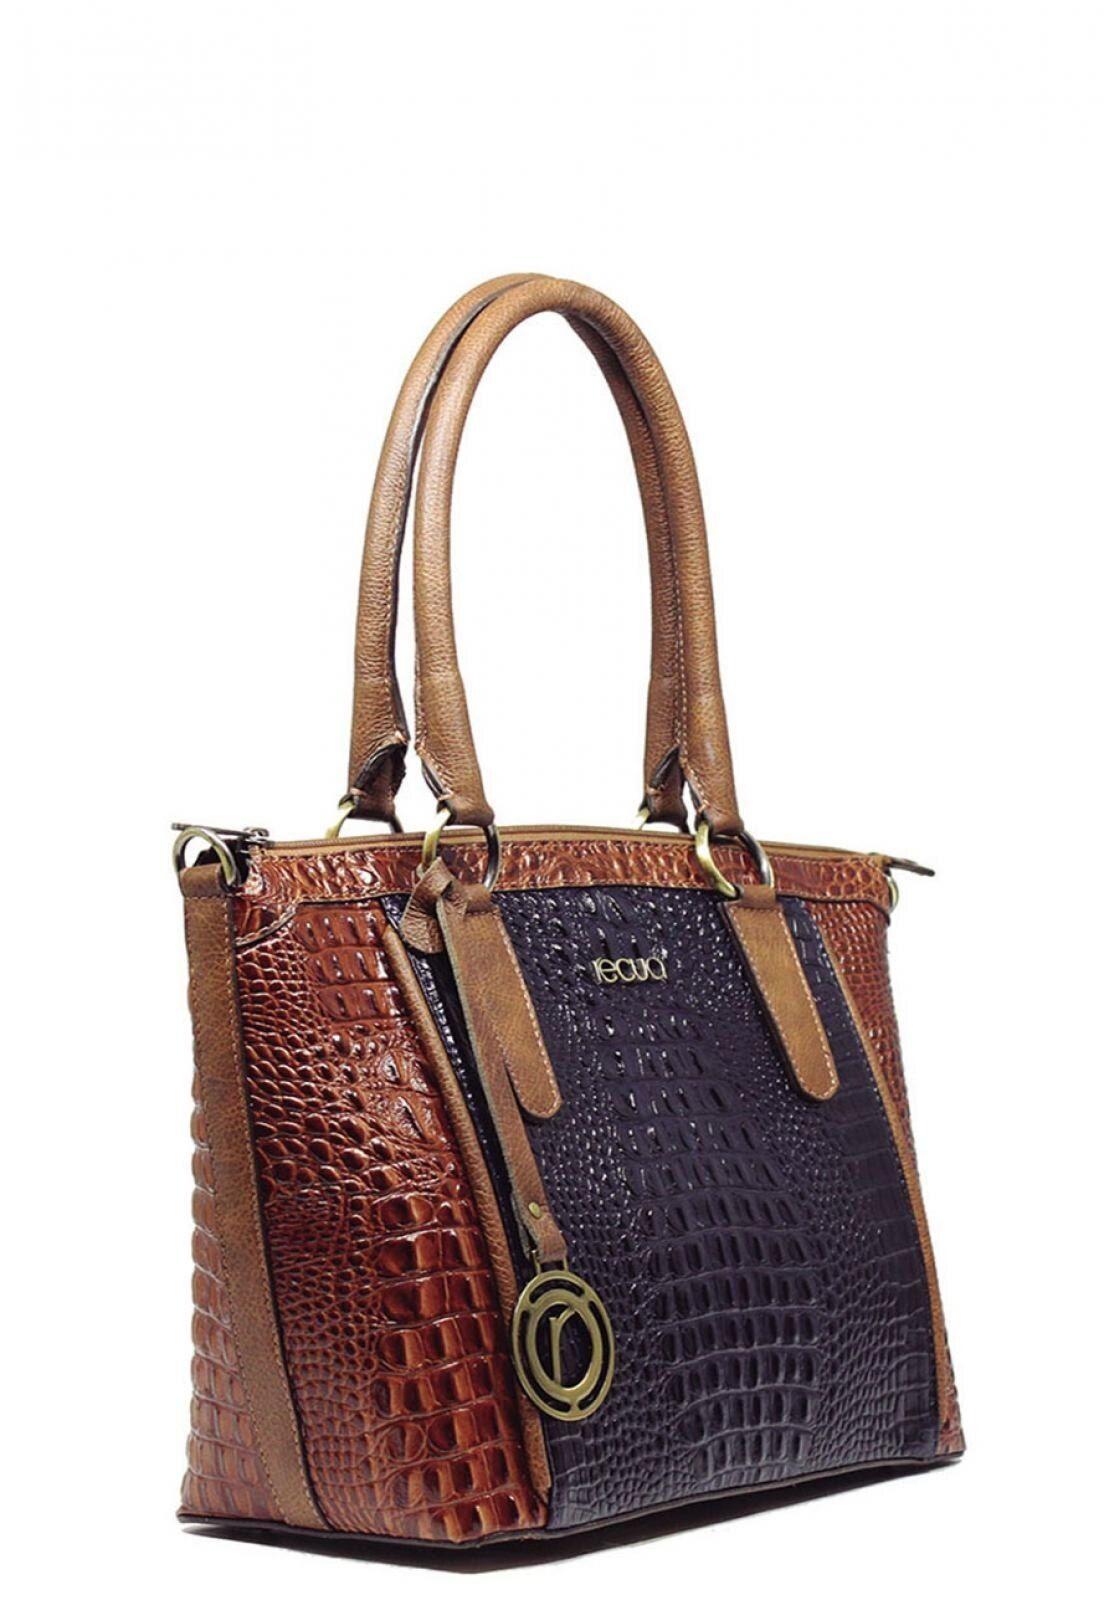 Retreat Bolso de cuero Fashion Bag Croco Navy / Caramel